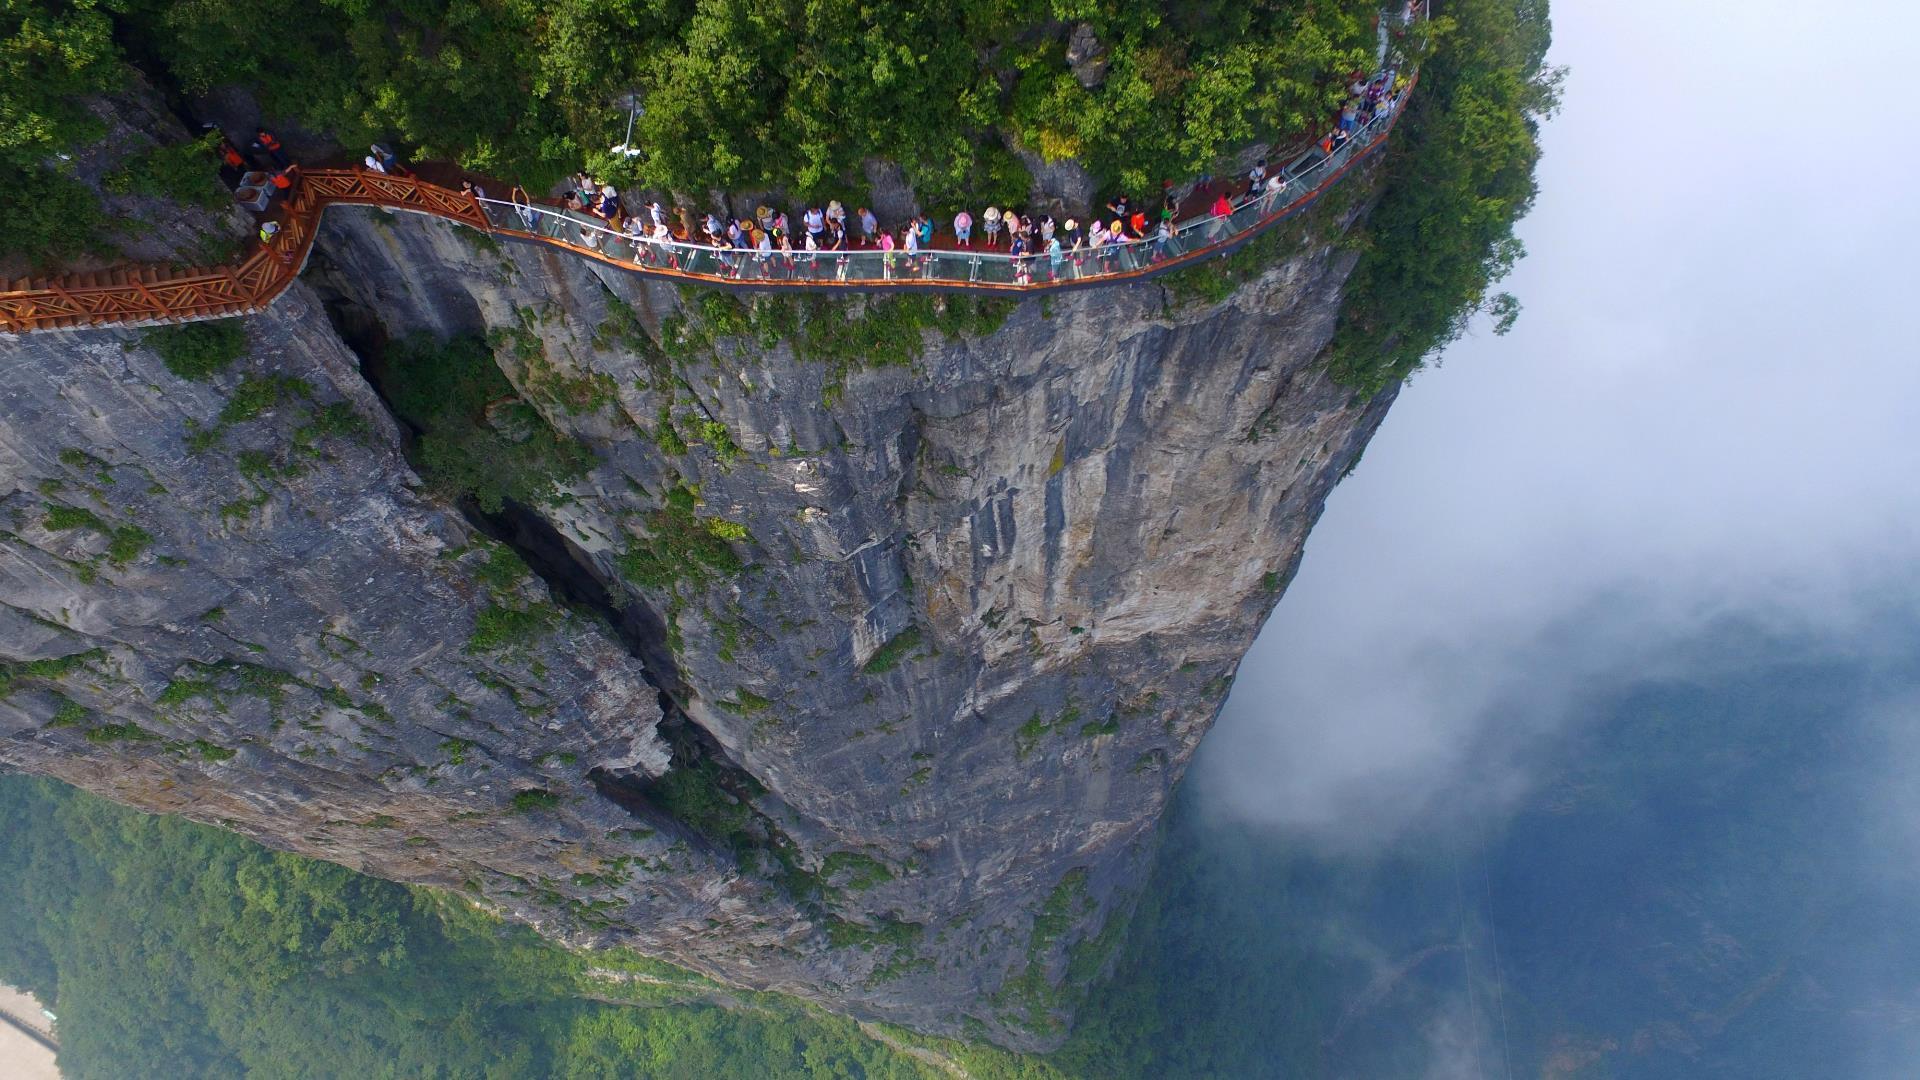 El puente de vidrio en China que se quiebra bajo los pies de los visitantes: video